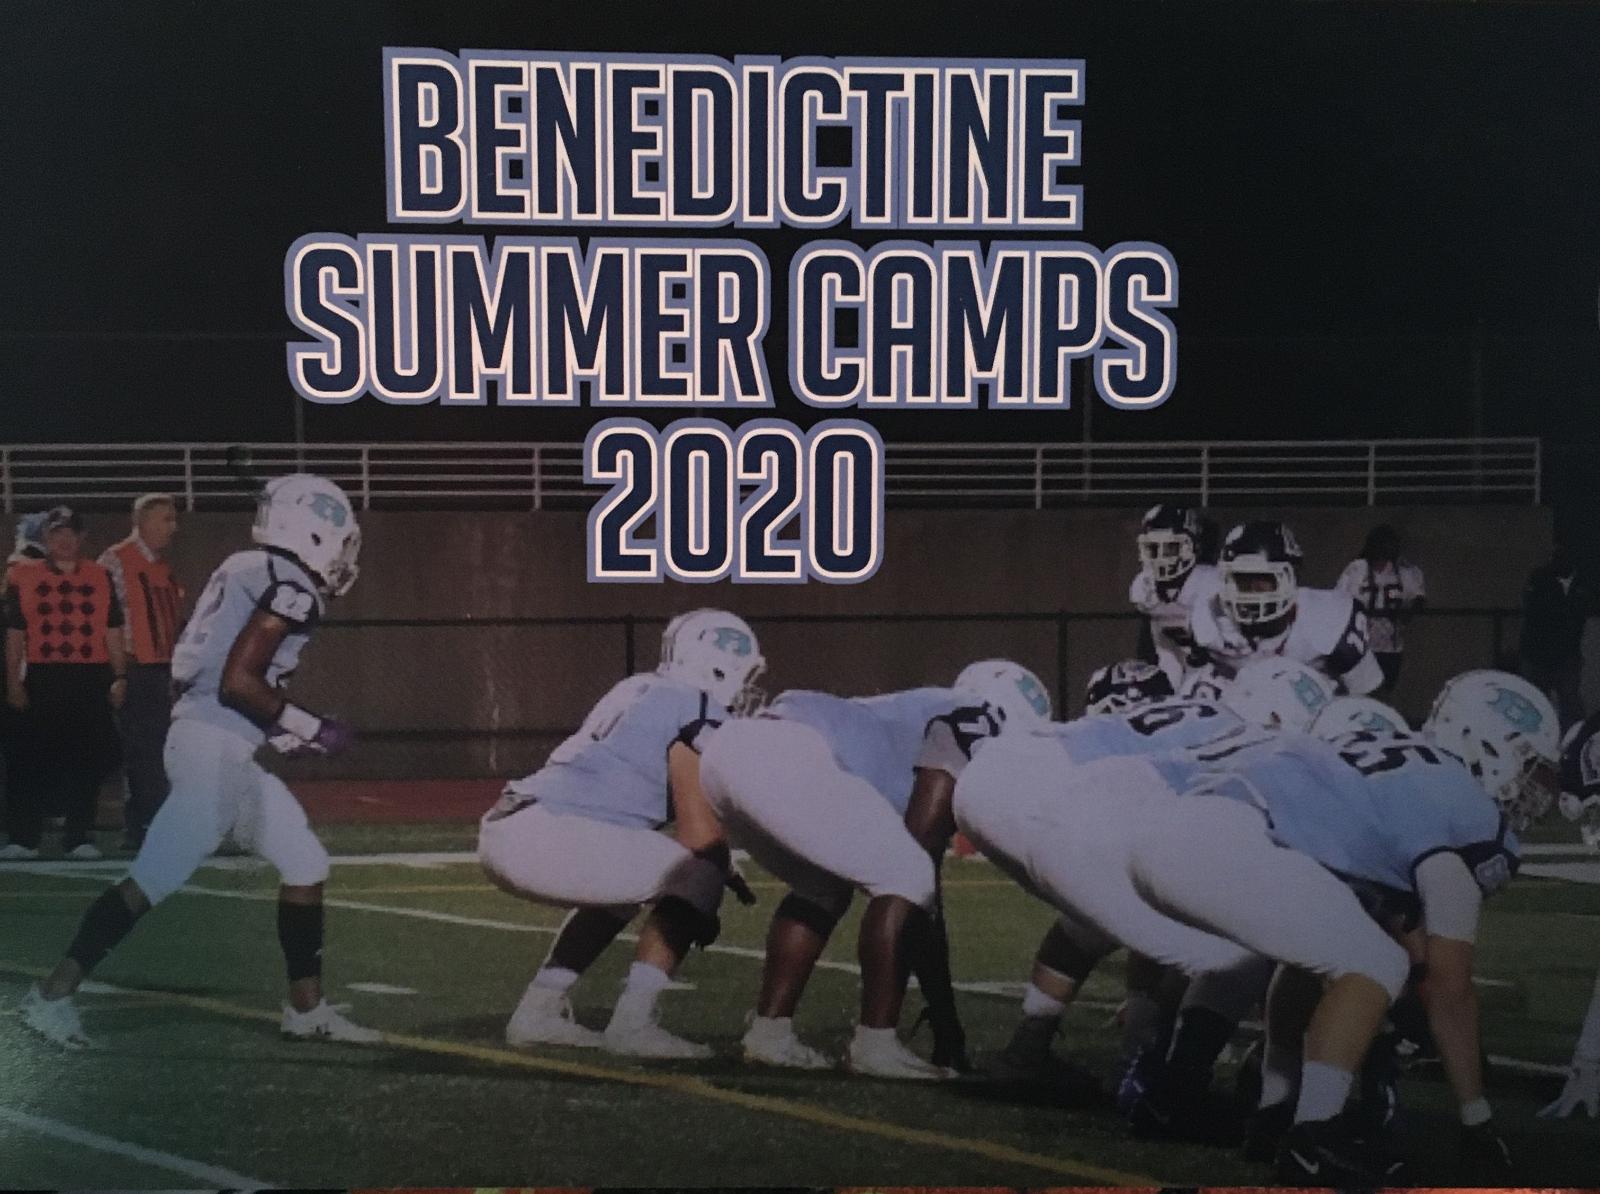 Benedictine Summer Camp 2020